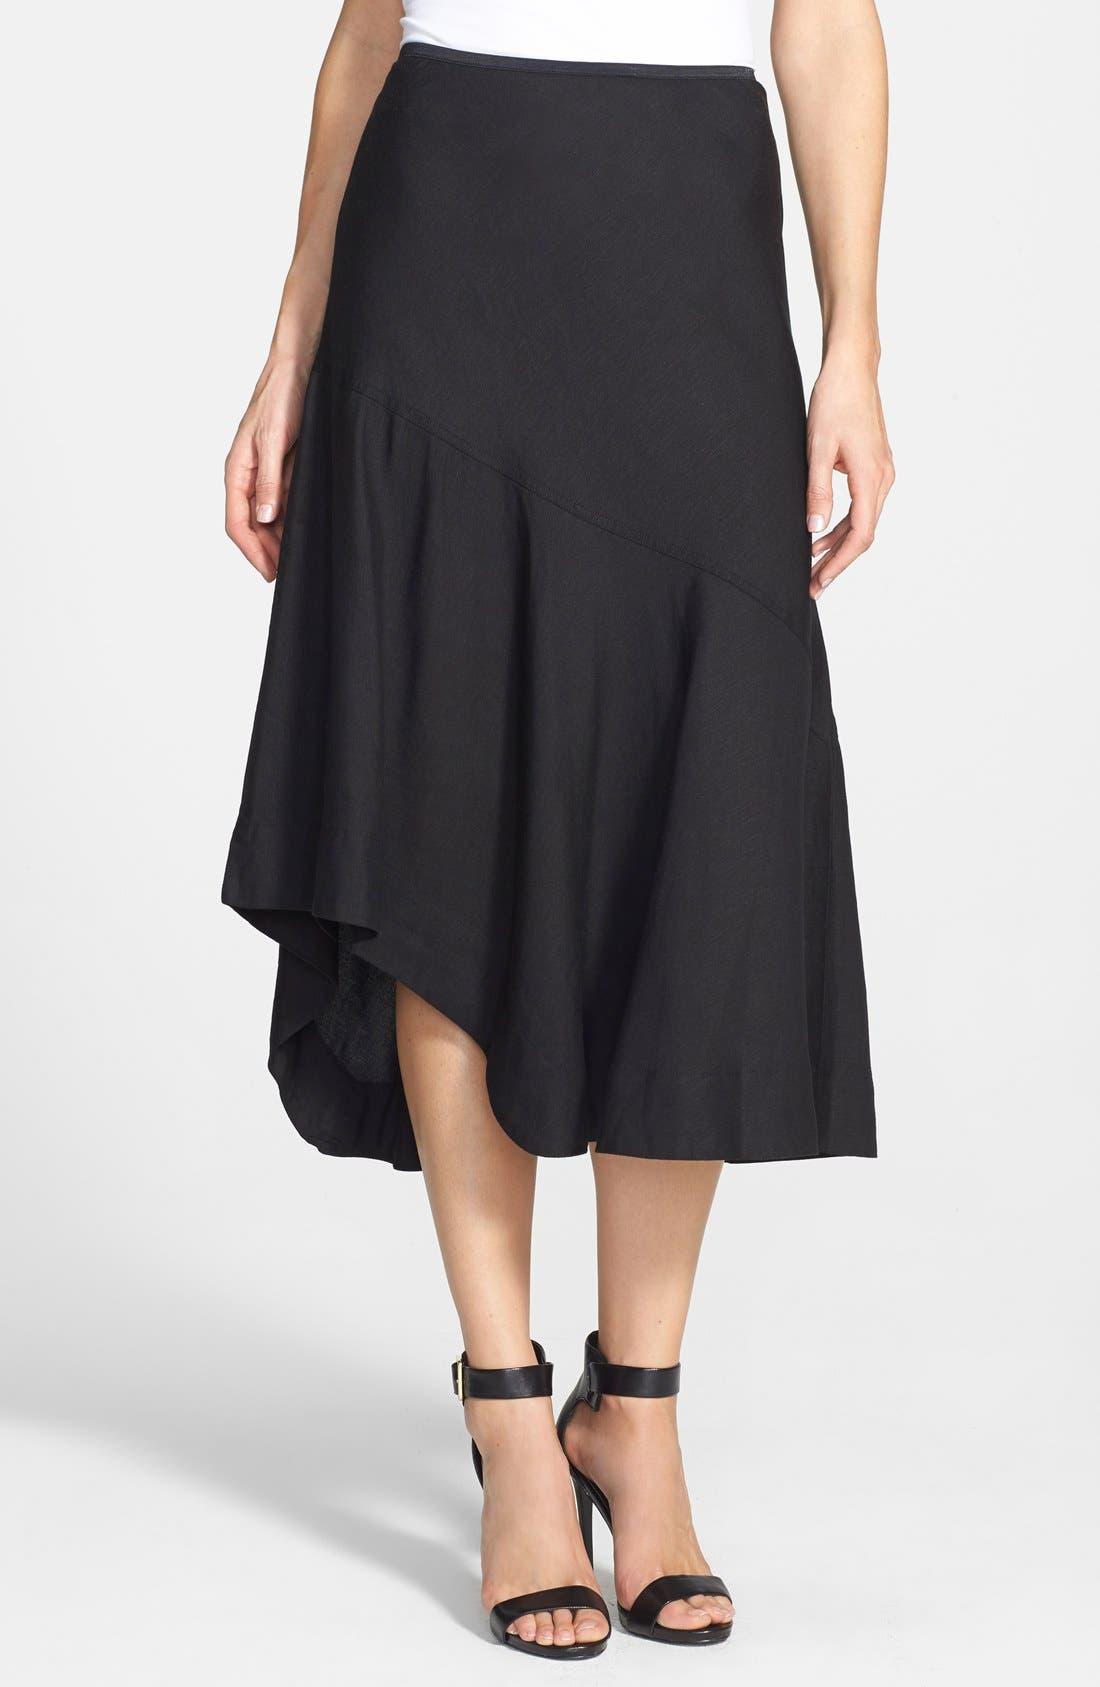 long black skirts | Nordstrom